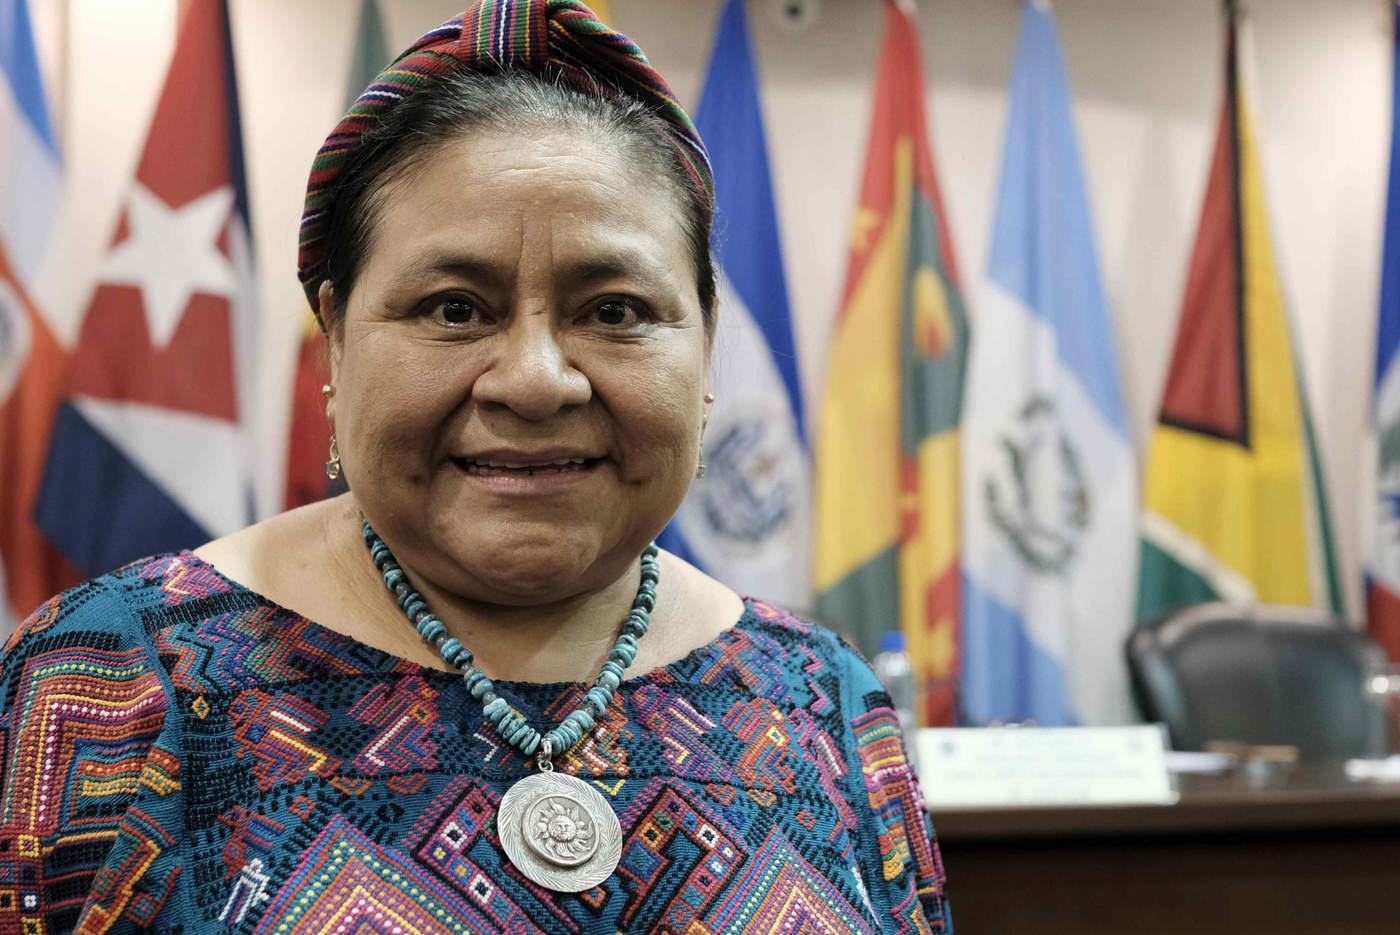 1959: Llega al mundo Rigoberta Menchú, líder indígena ganadora del Premio  Nobel de la Paz